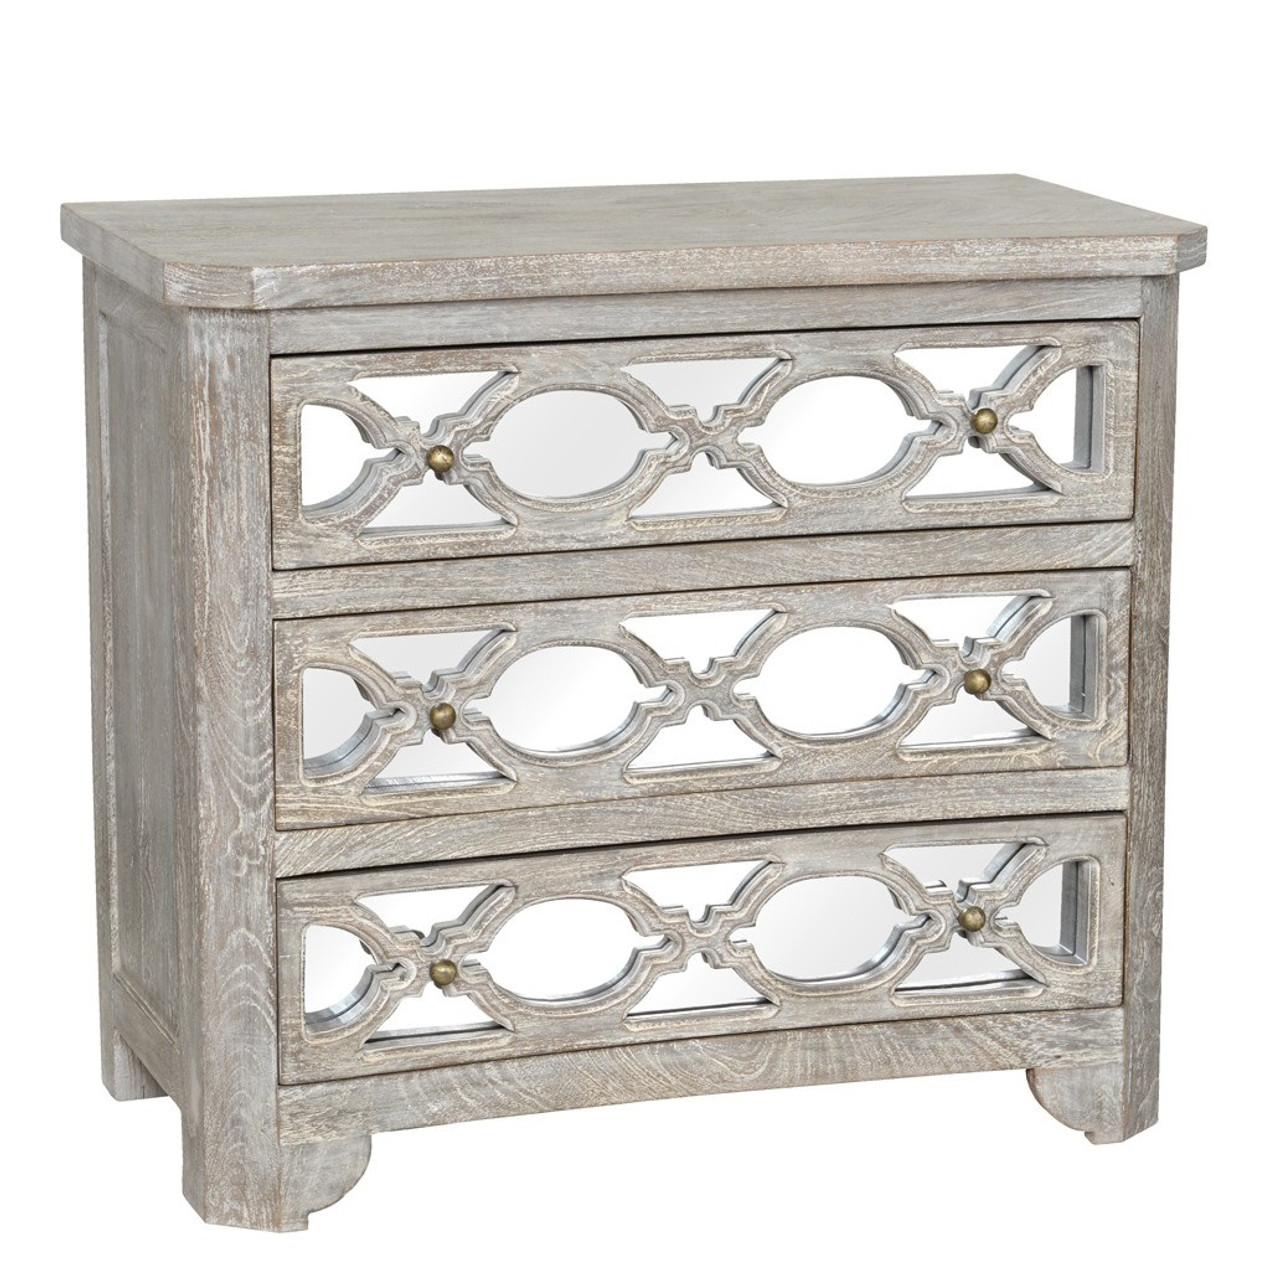 Lattice Whitewash Wood Mirrored 3 Drawers Chest 36 Zin Home